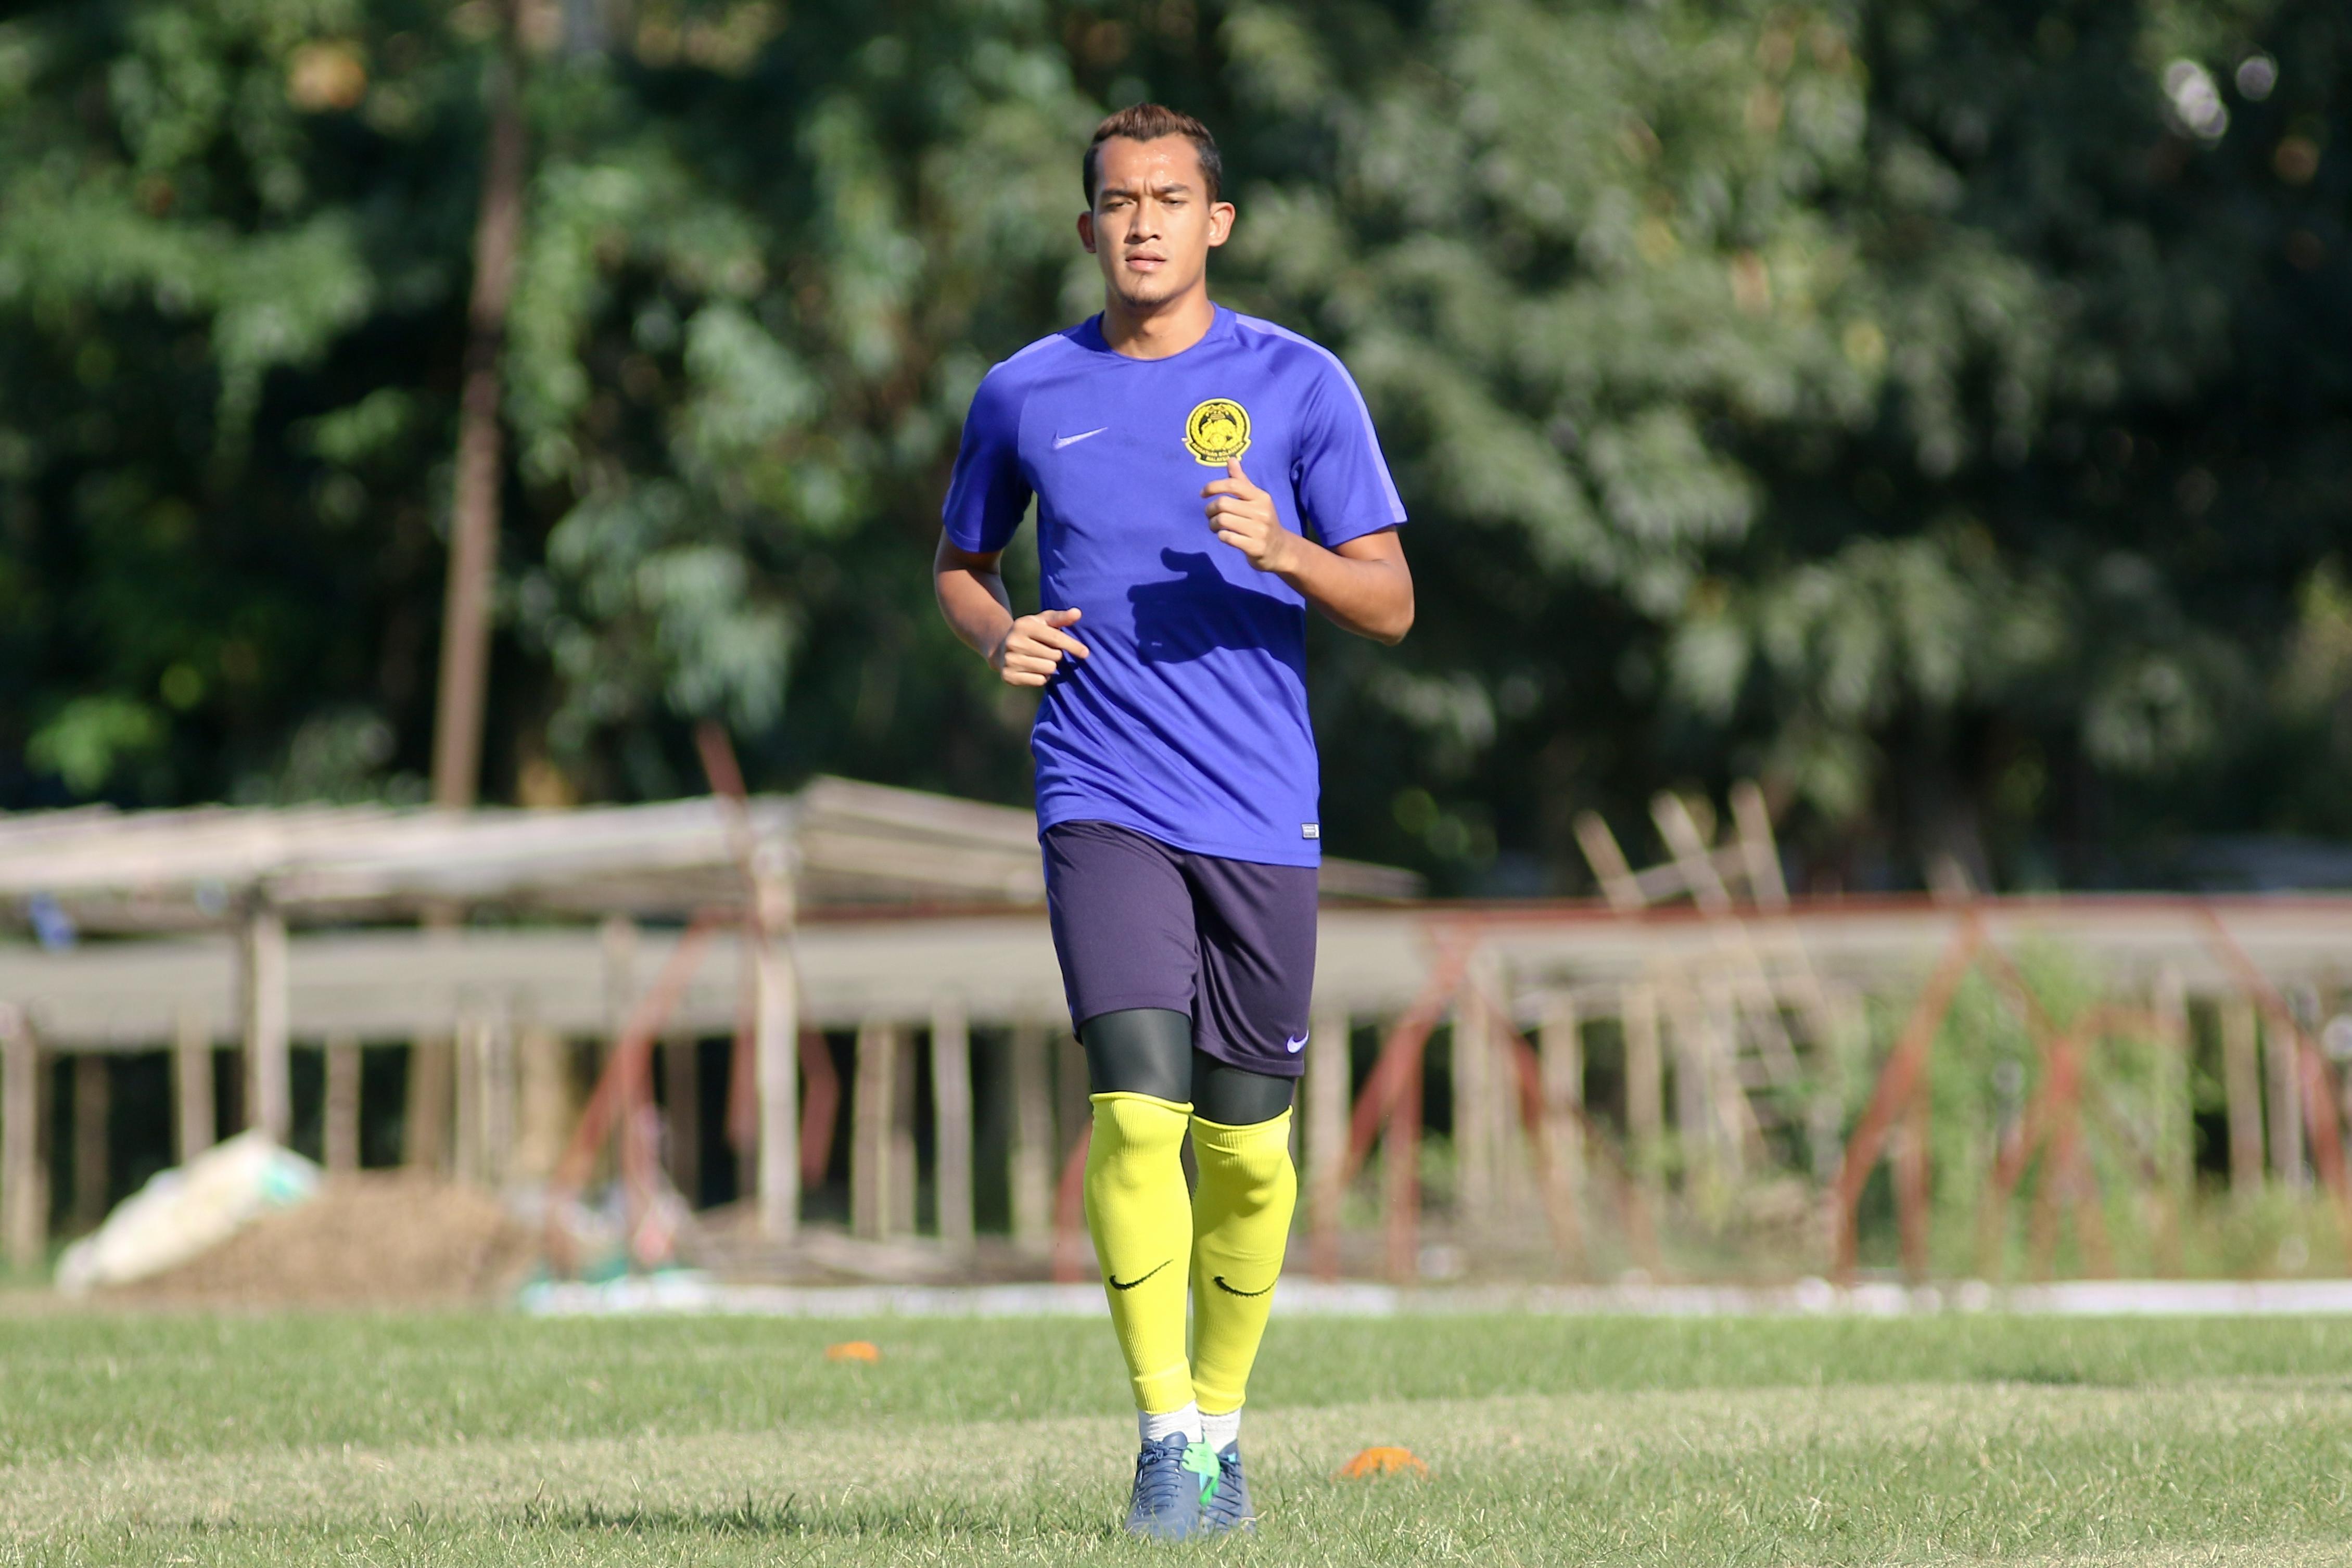 Malaysia's Fakri Saraani during training on 22/11/16